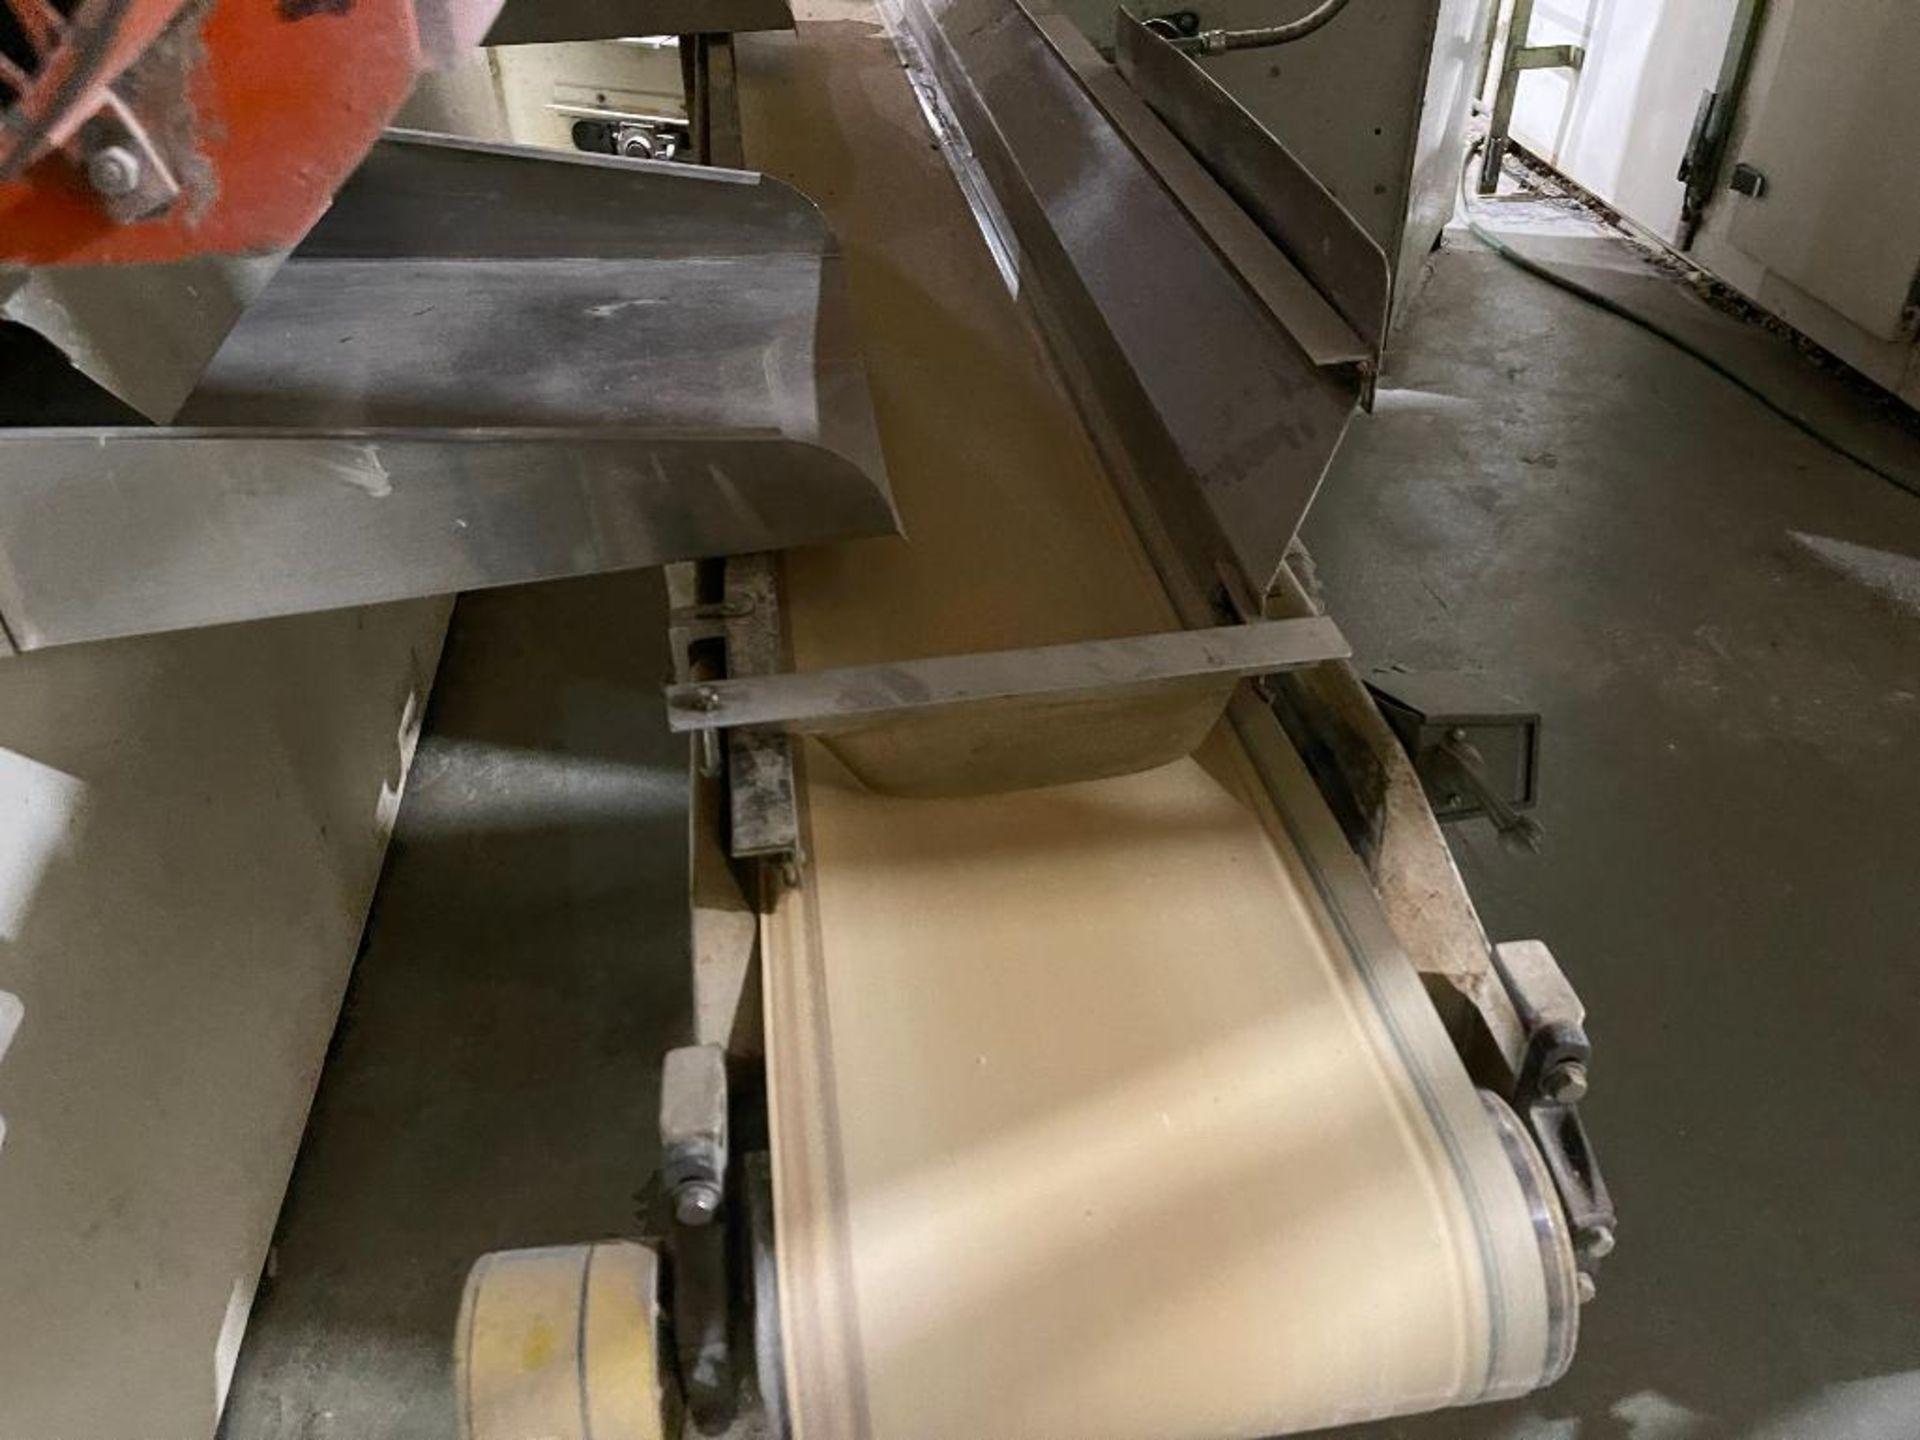 mild steel belt conveyor - Image 7 of 16